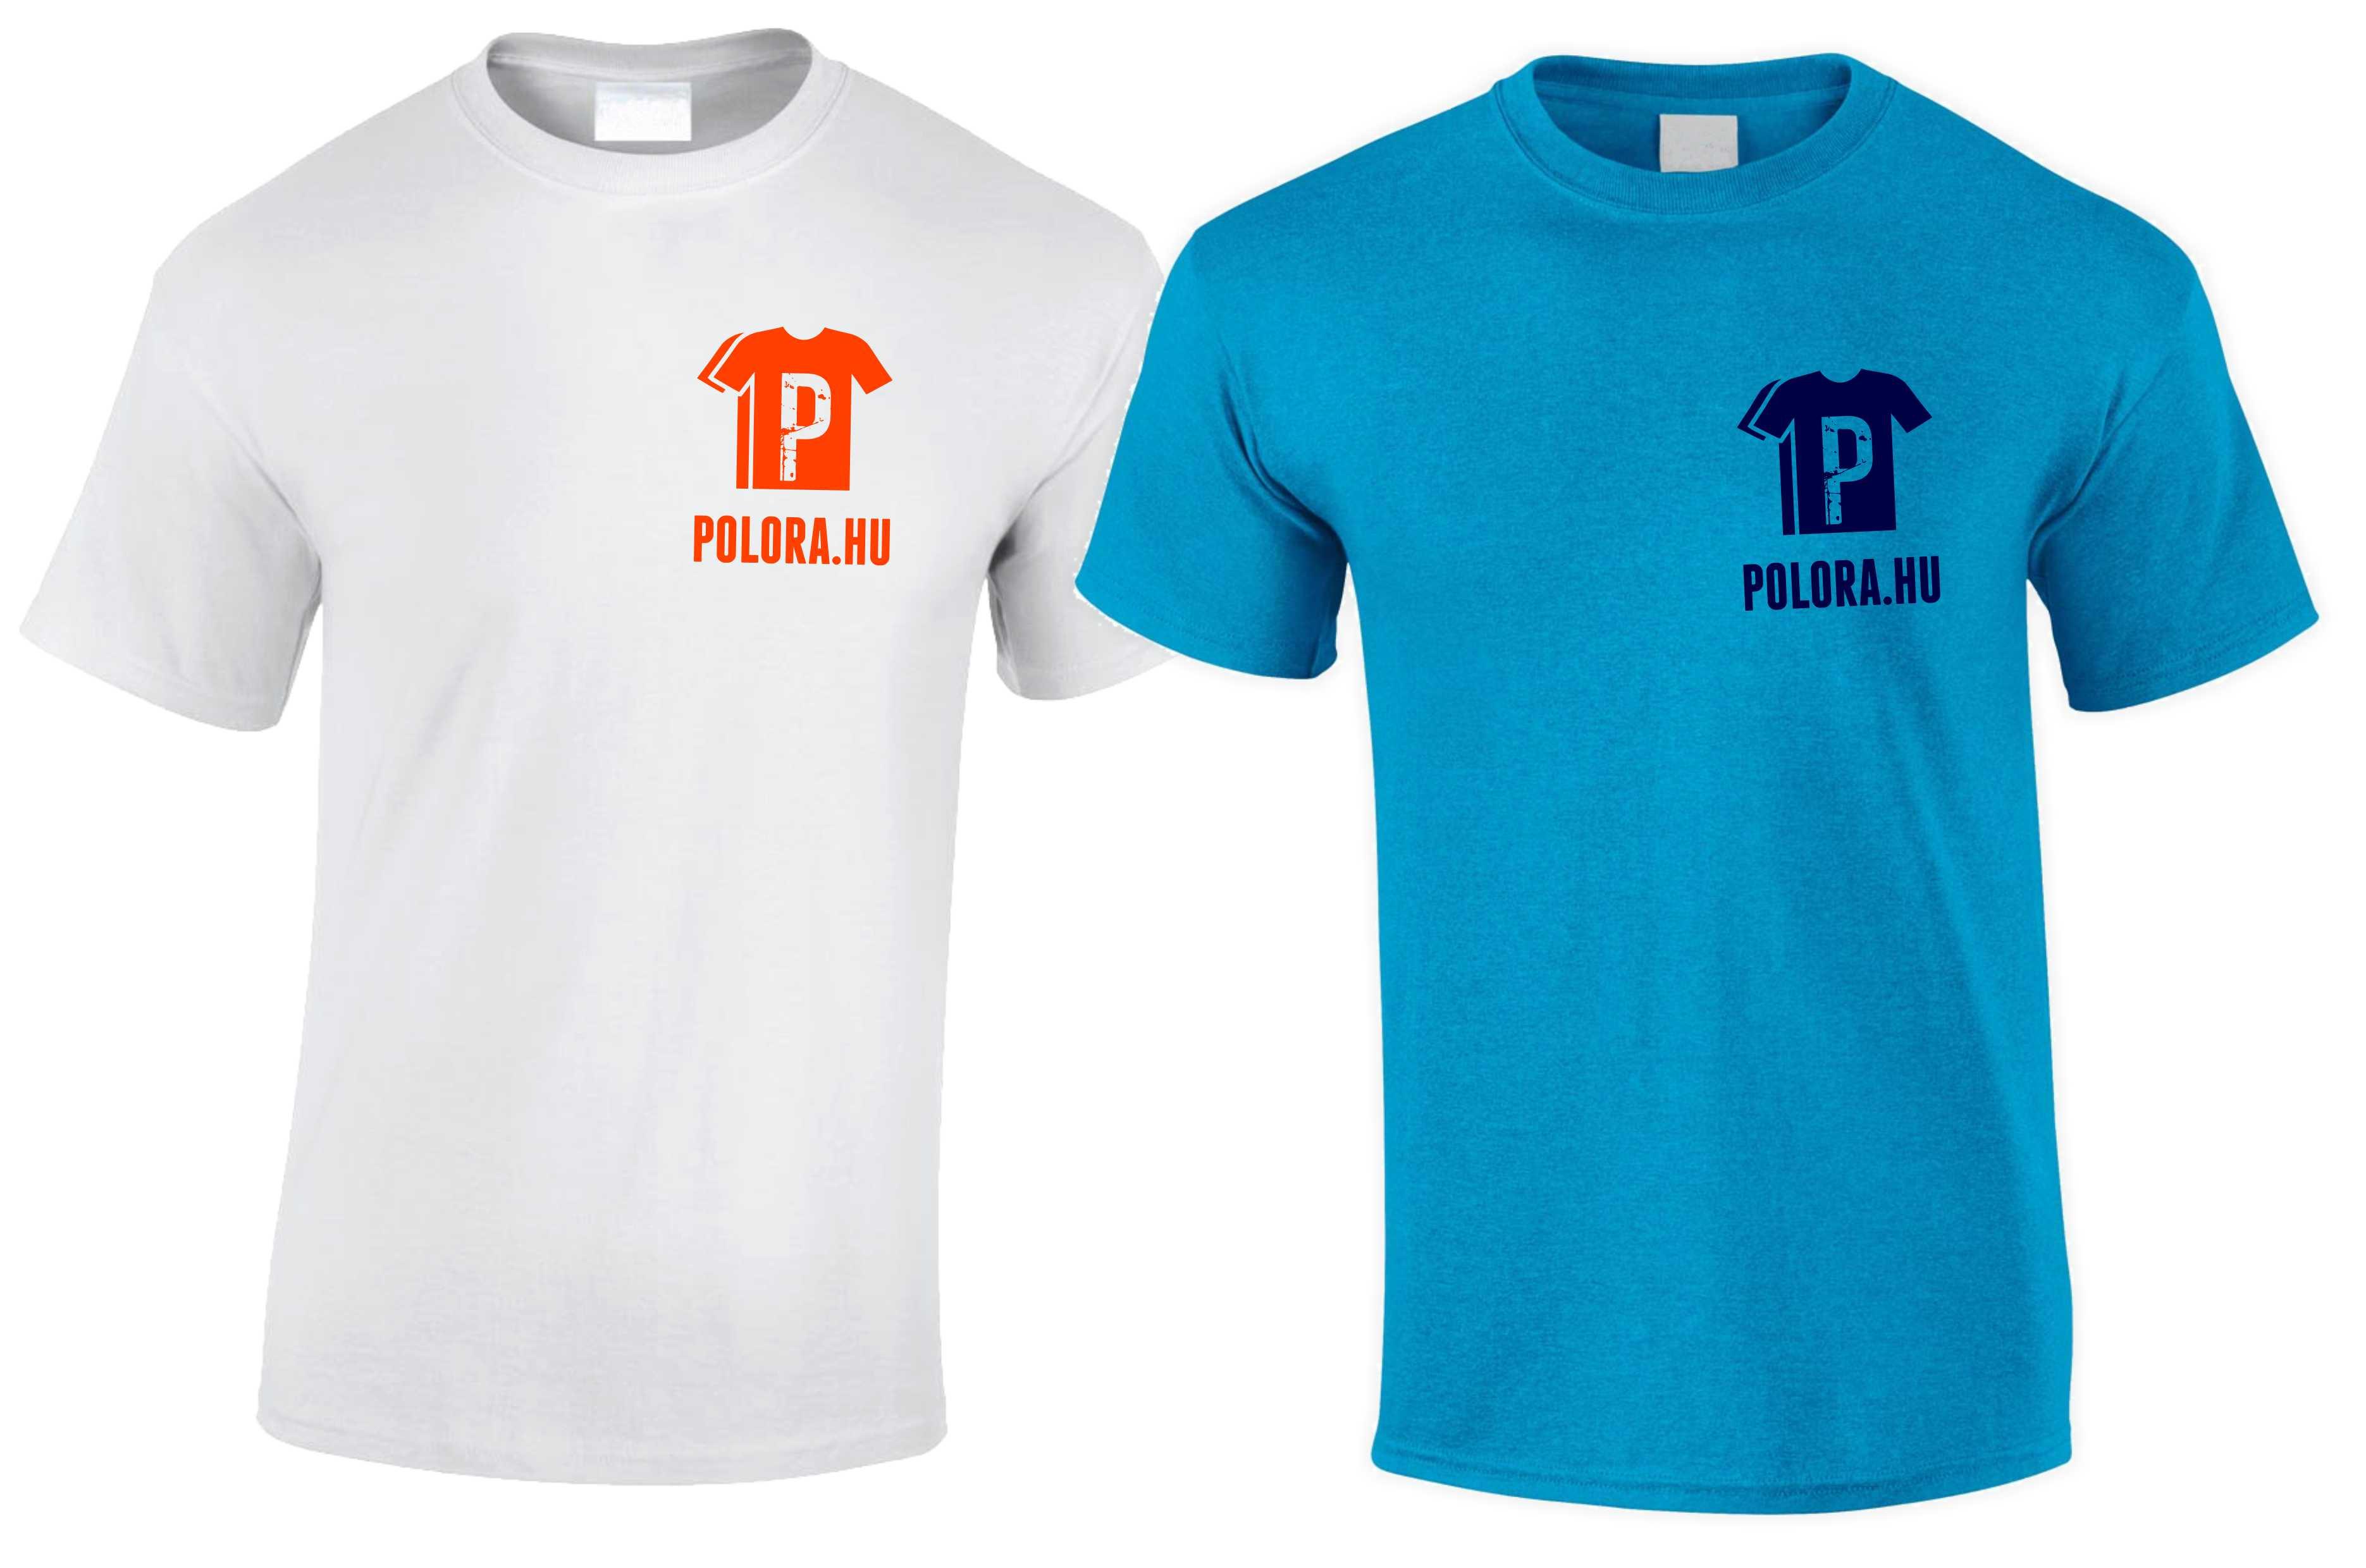 83e10c3289 Póló készítés szitanyomással - Pólónyomás, Egyedi Ajándék